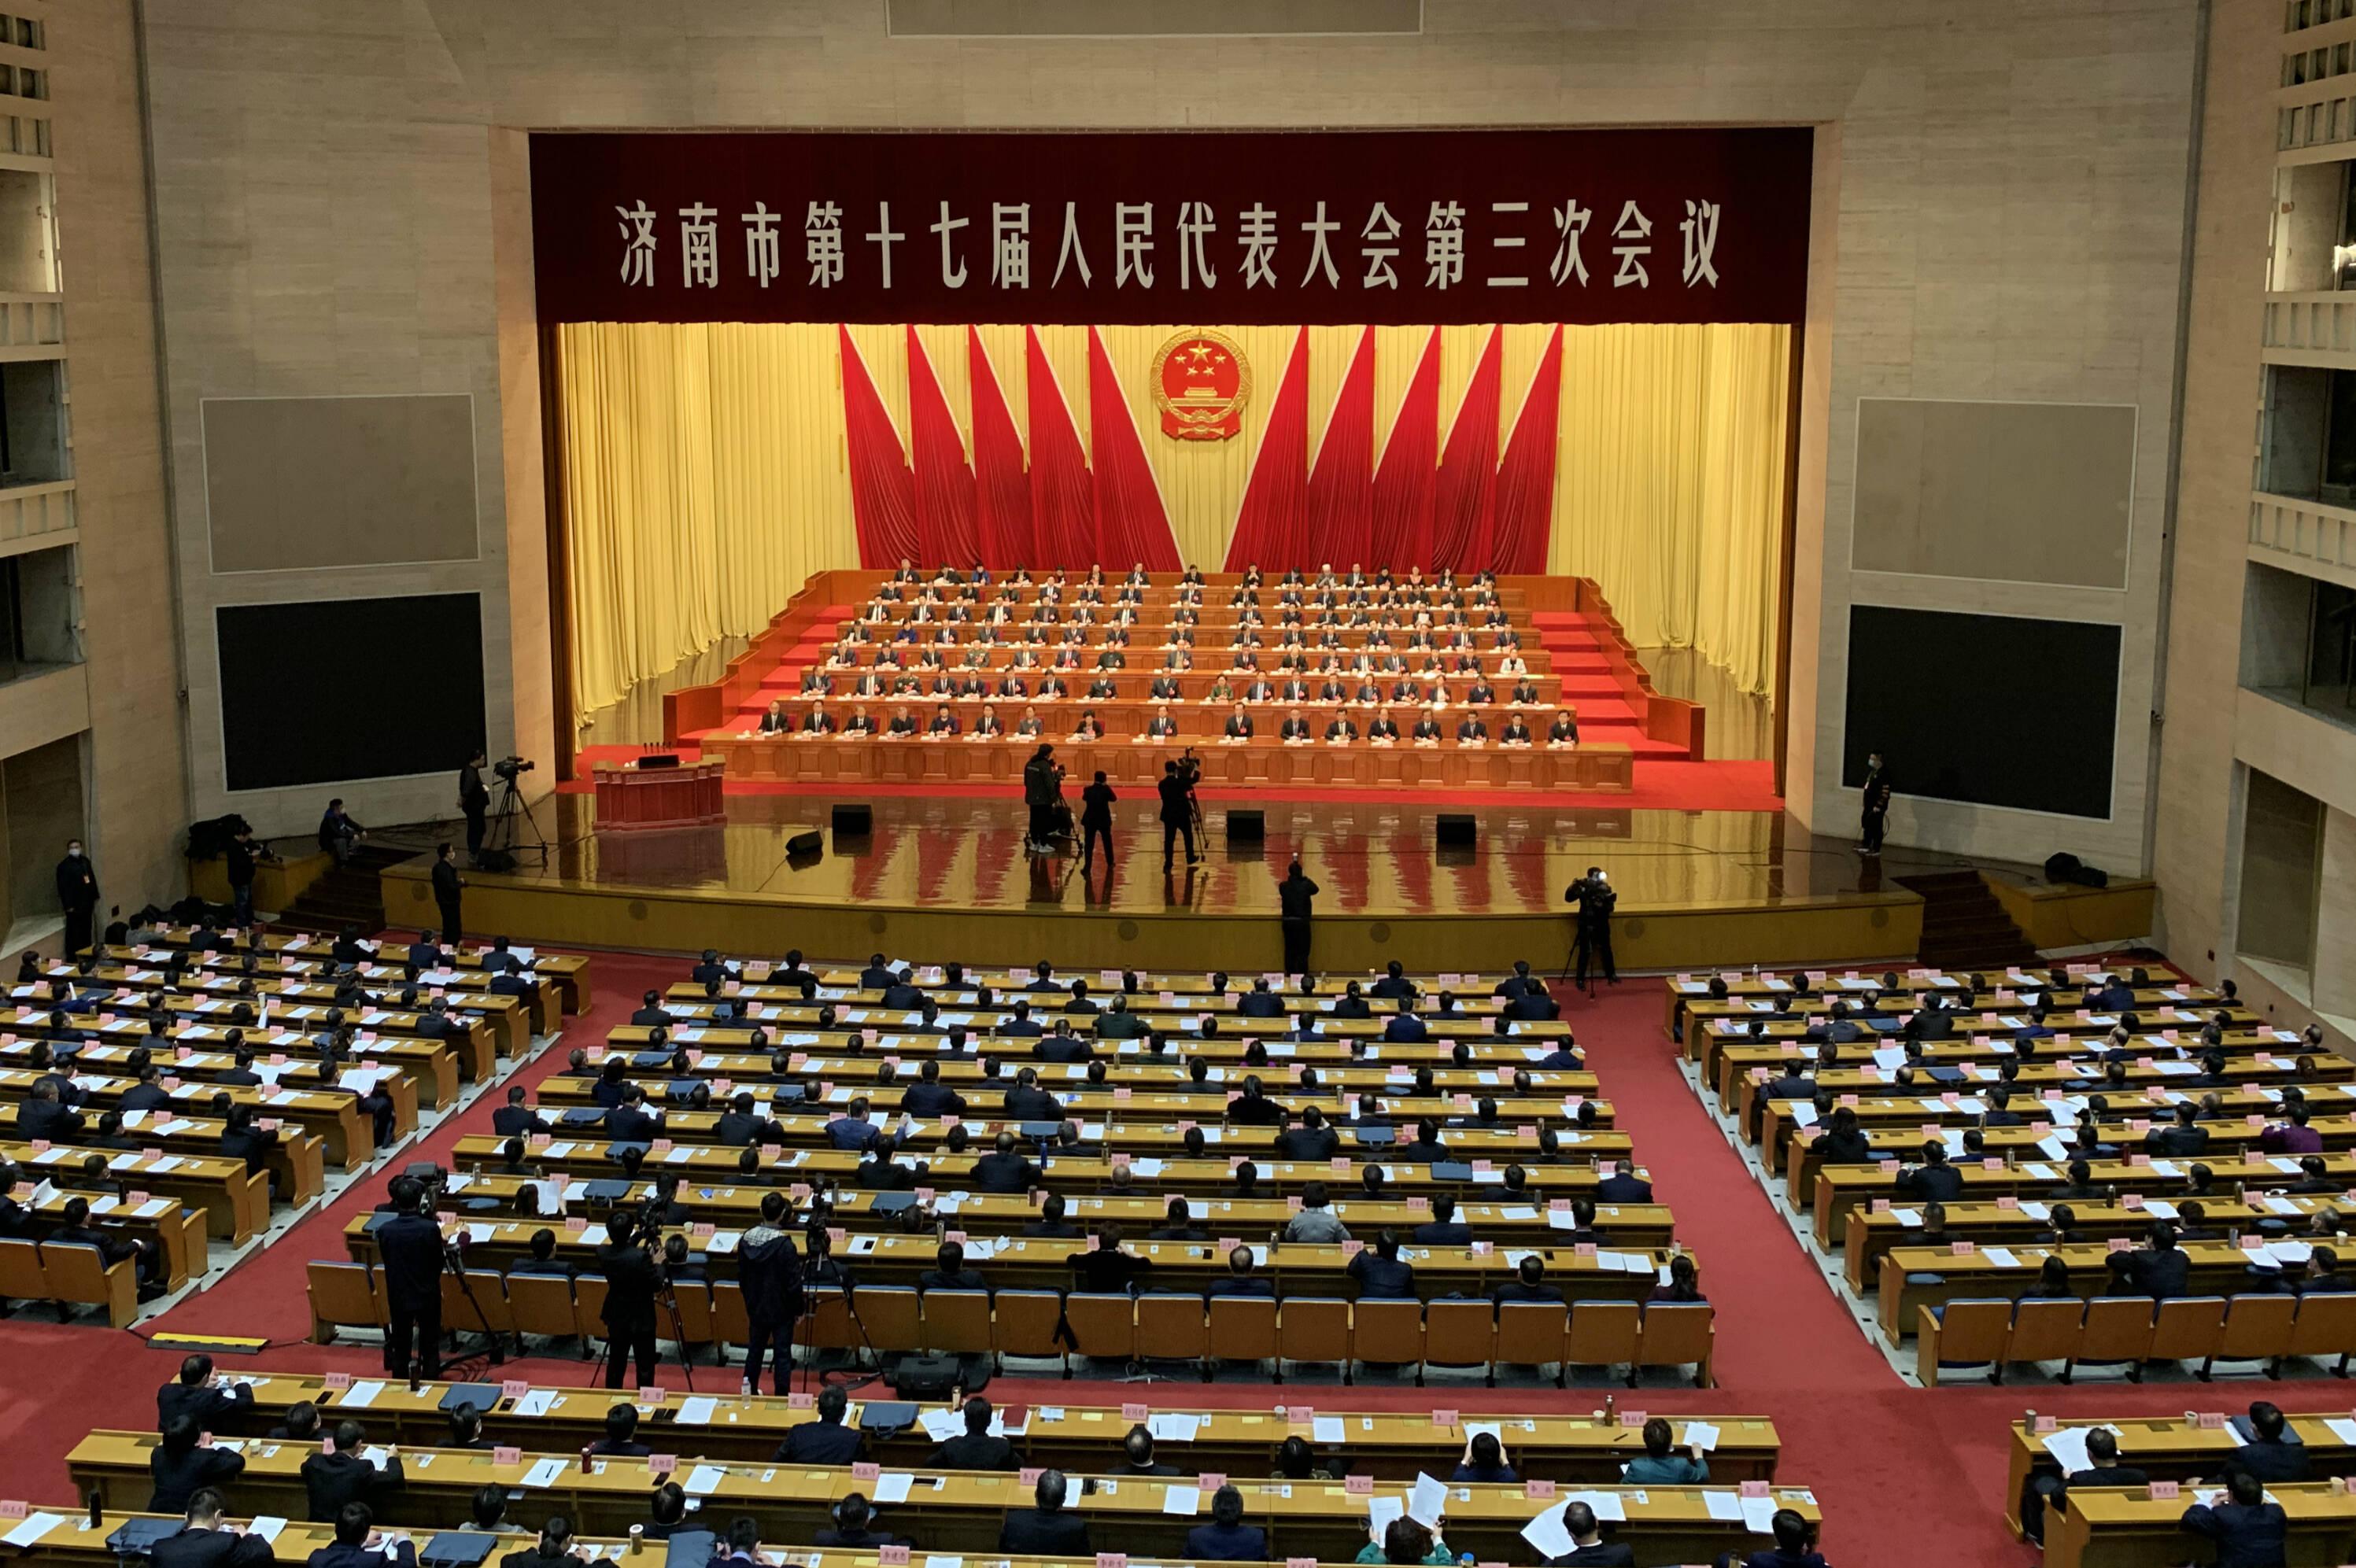 直击济南两会|2020年济南市中级人民法院审结一审商事案件54402件 涉案标的额308.68亿元